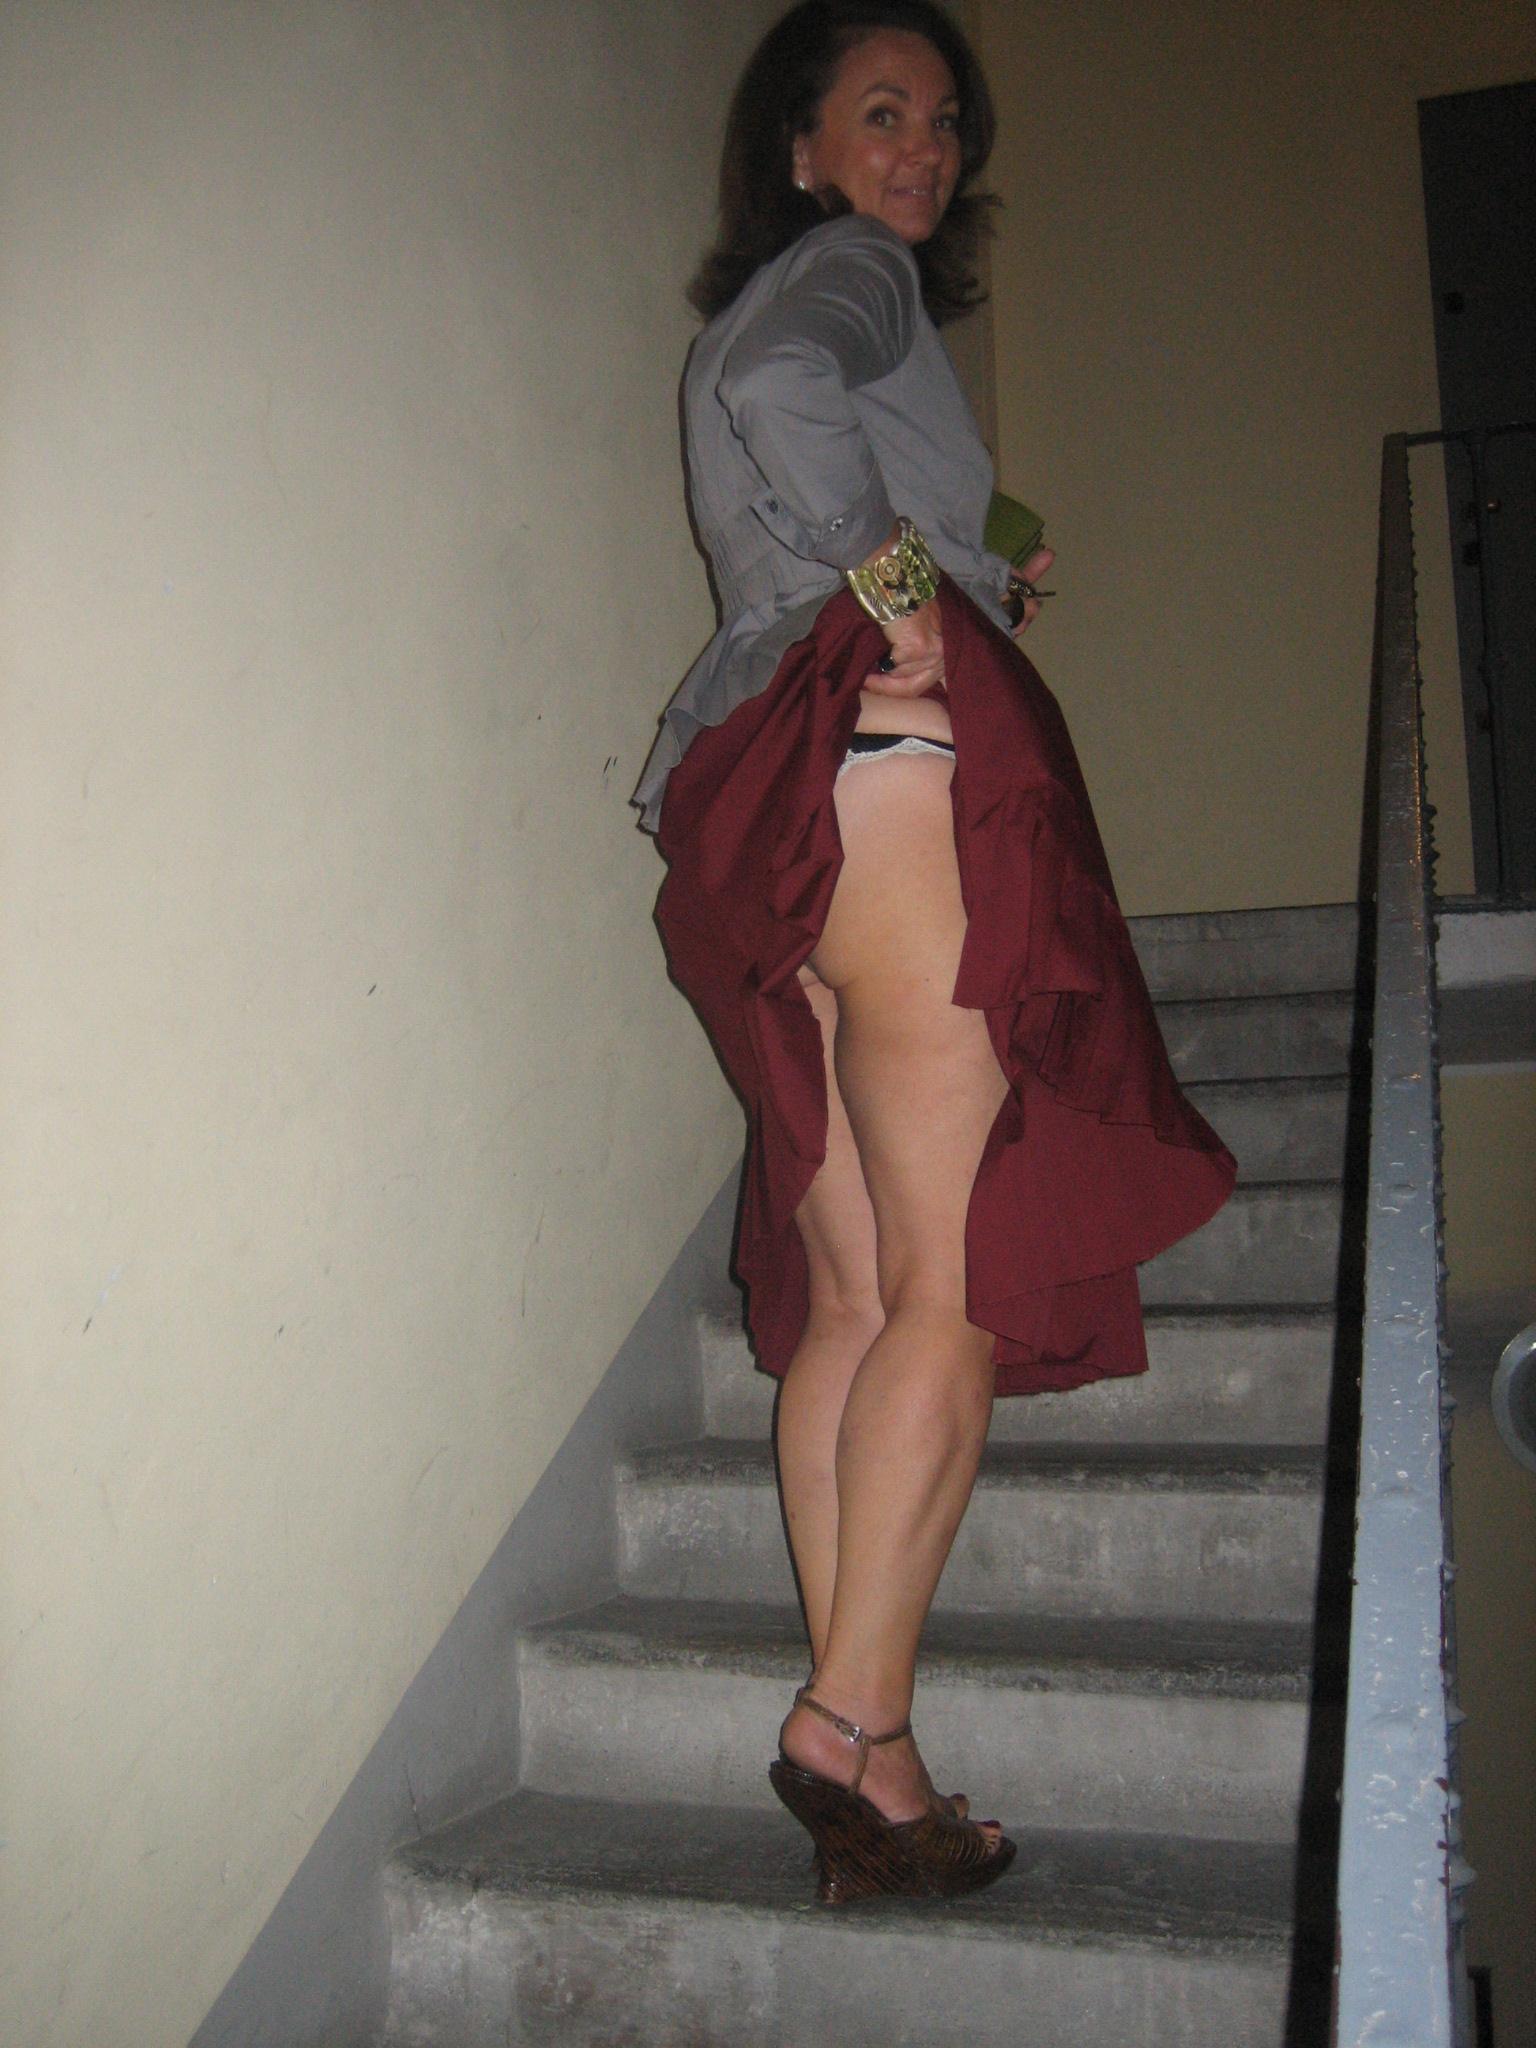 prostitutas italianas mujeres protituta